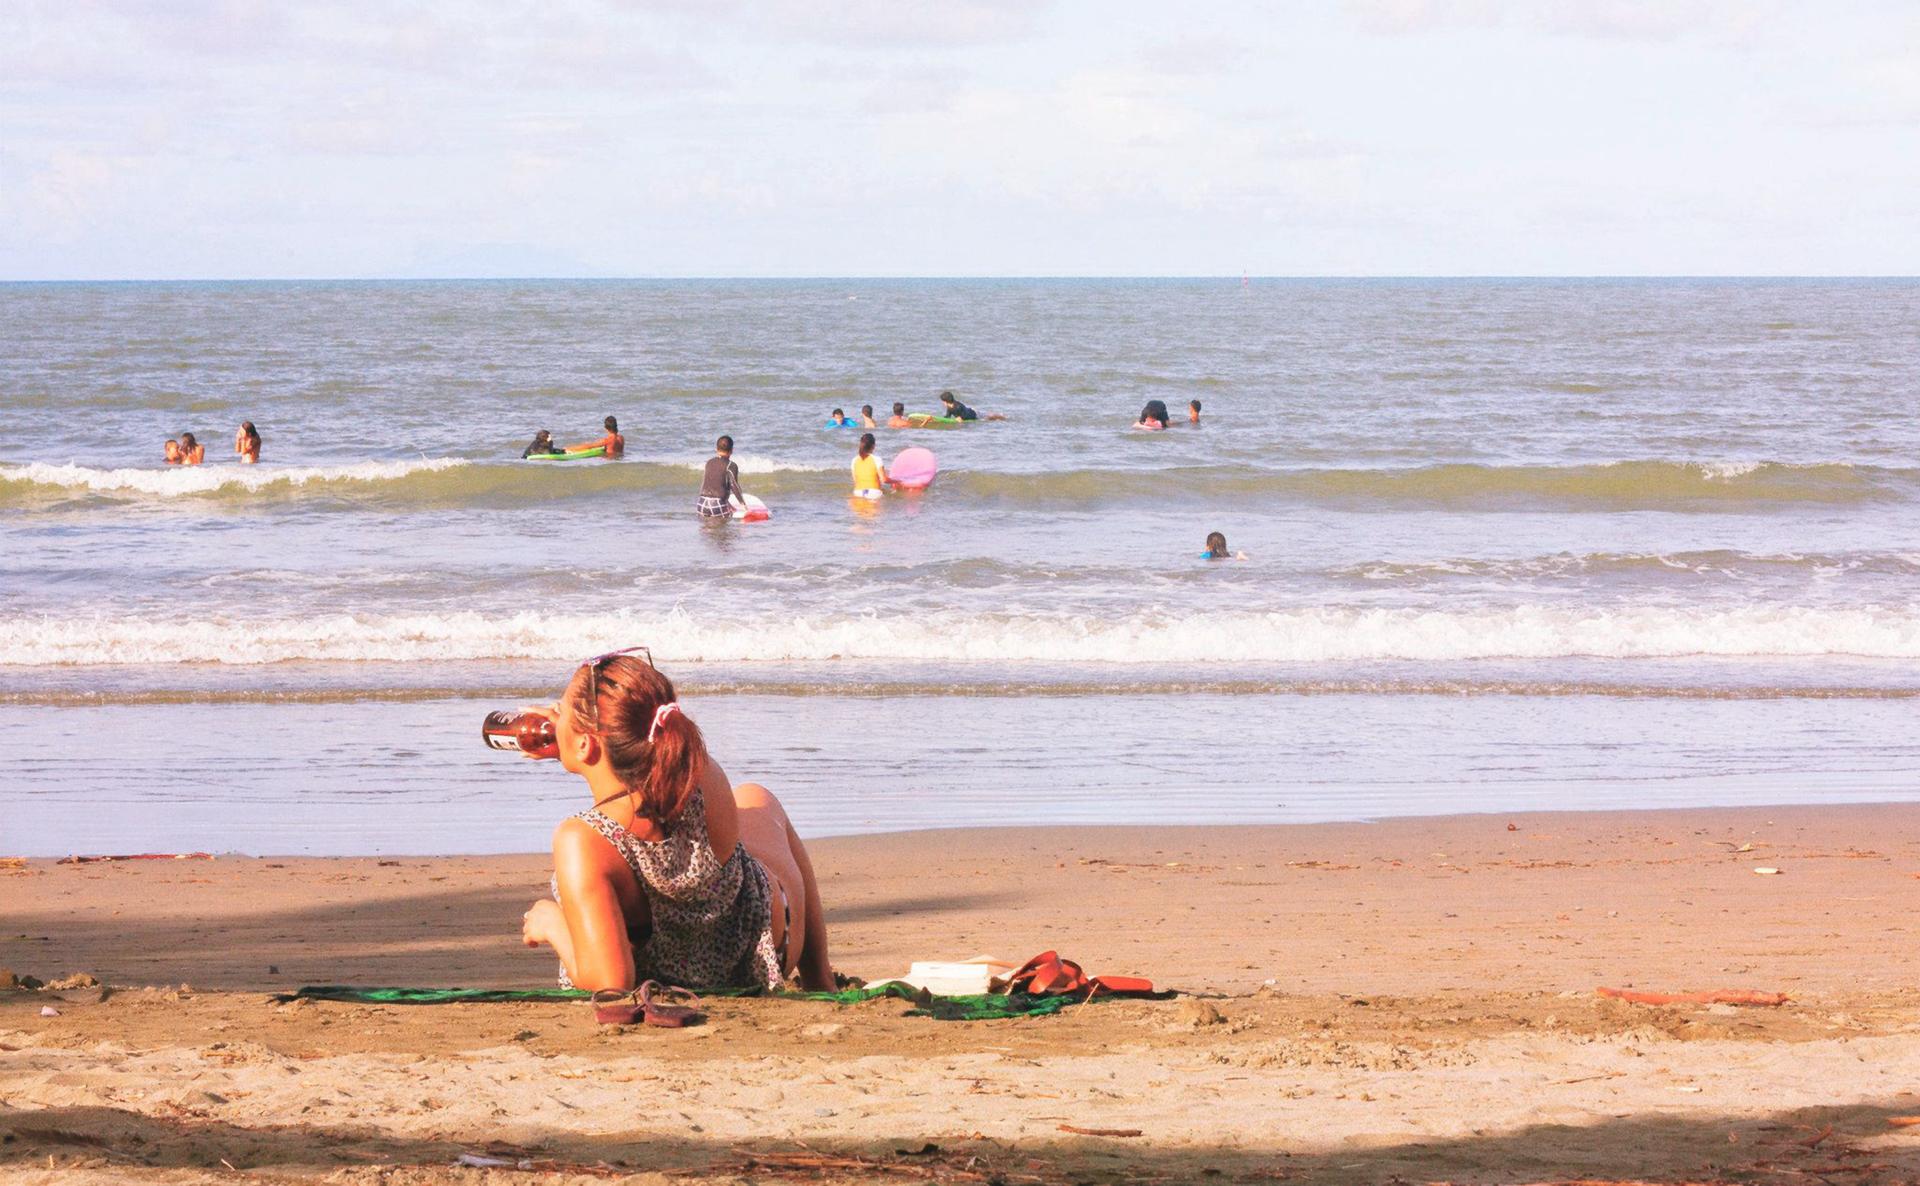 Kolorowe prostokątne zdjęcie przedstawia słoneczny letni dzień na plaży. Na pierwszym planie młoda kobieta leży na kocu, na piasku. Wsparta na prawym łokciu. Wdrugiej ręce trzyma butelkę zpiwem. Pije piwo zbutelki. Wgłębi morze. Małe fale. Kilkanaście osób pływa wmorzu.